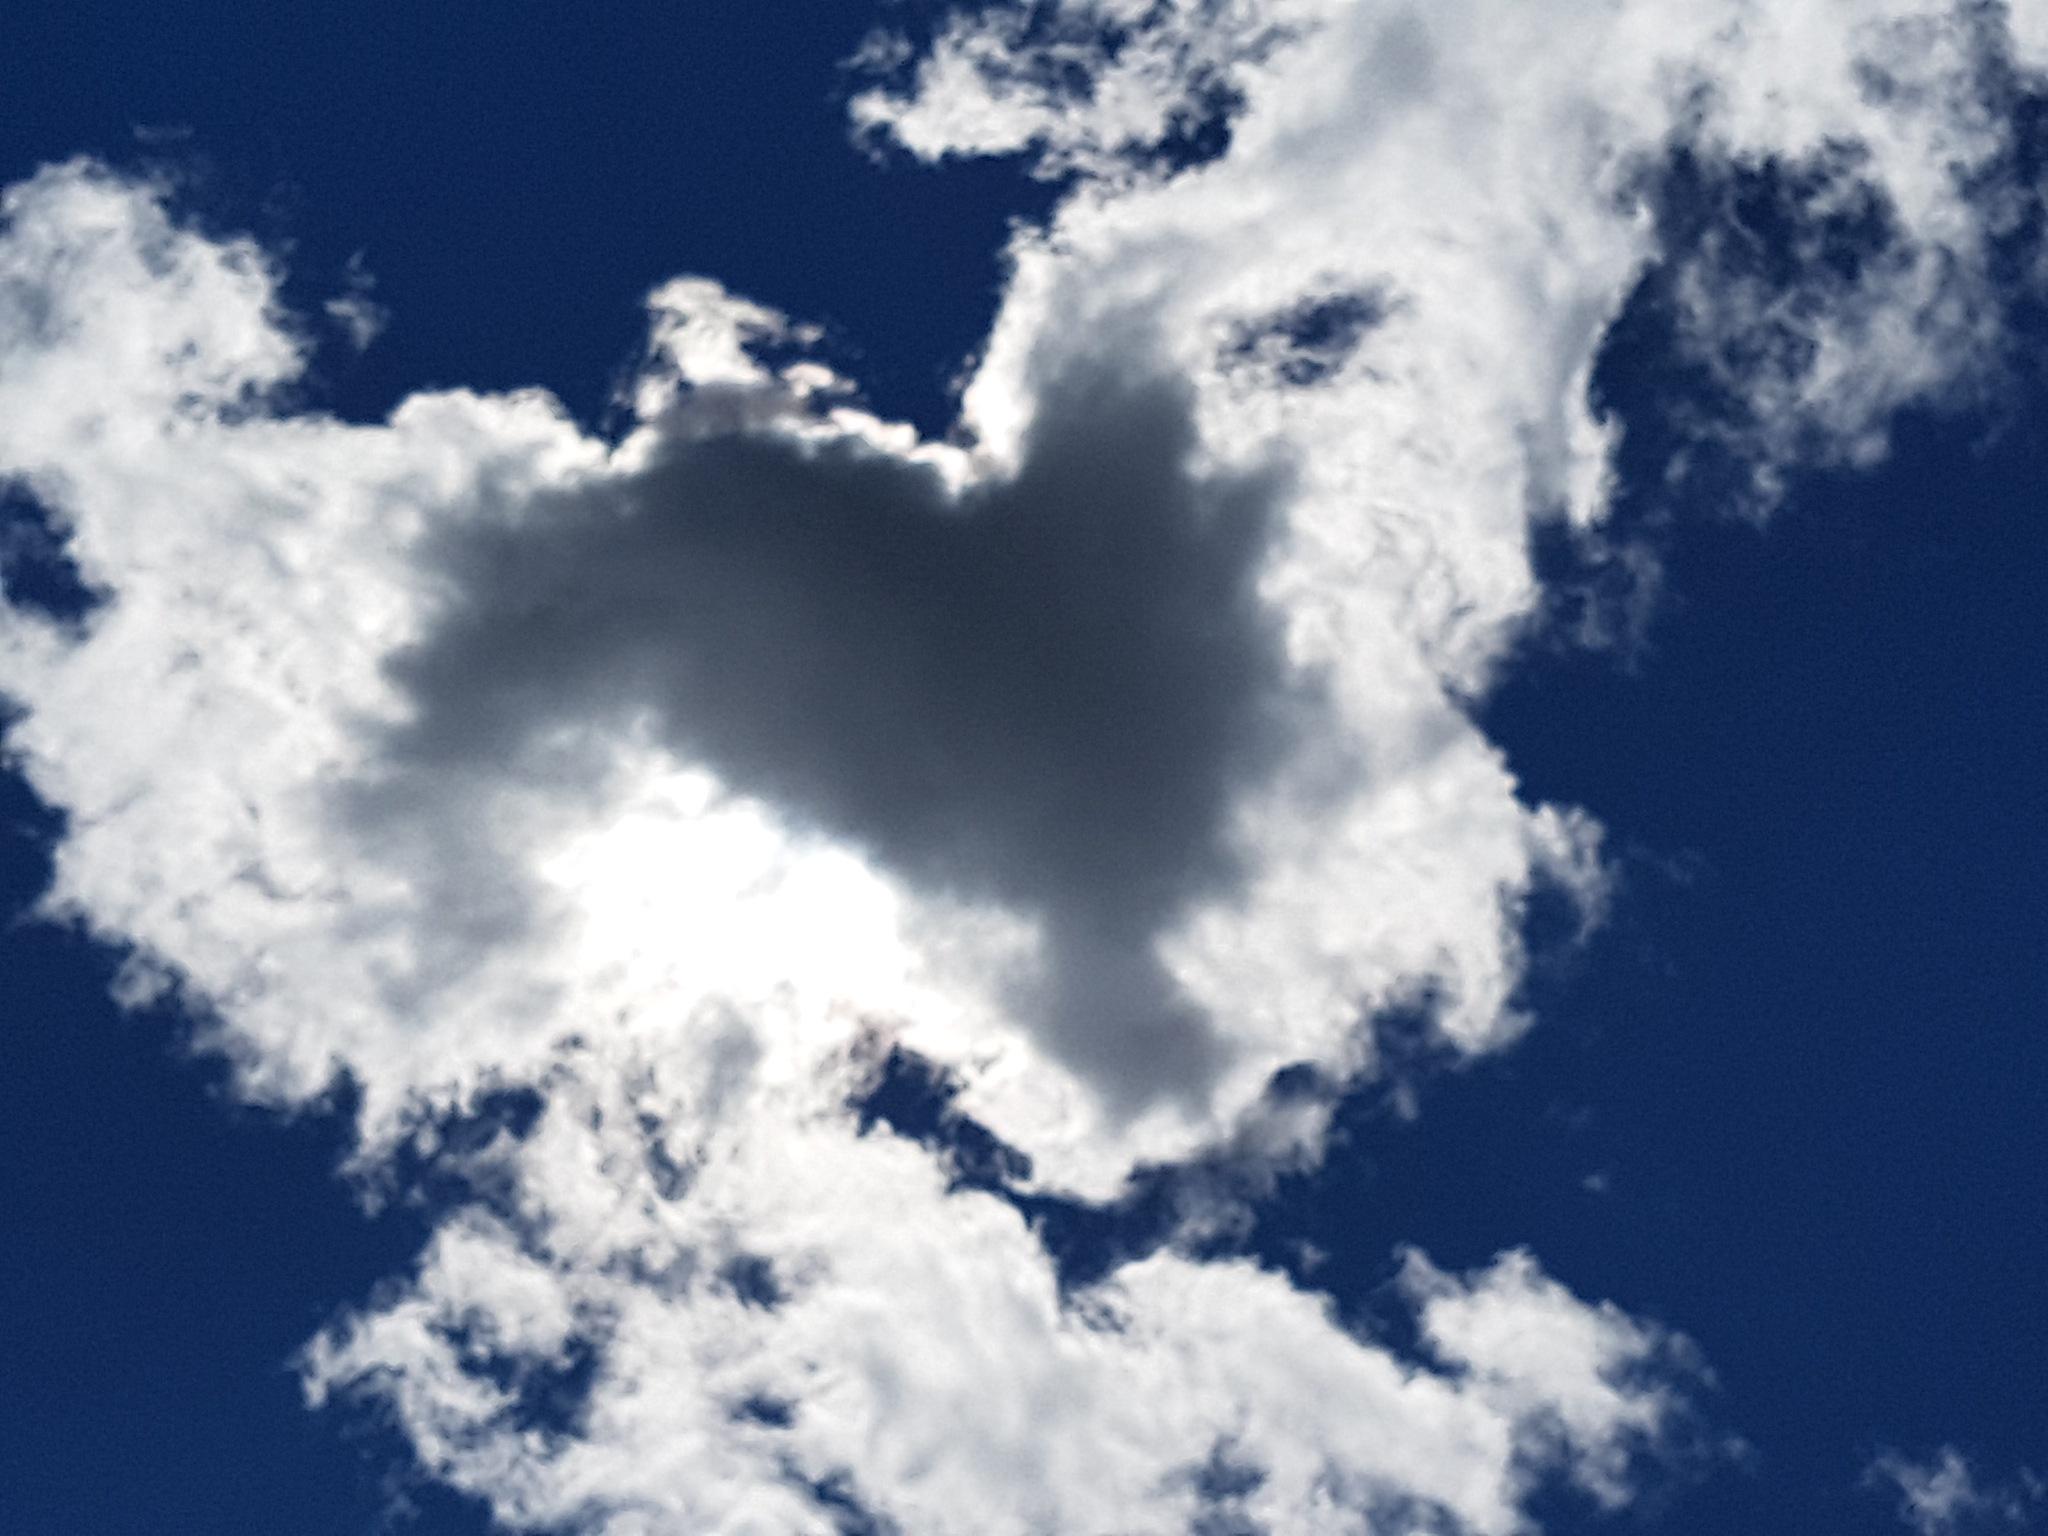 skyheart in motion by heartlady